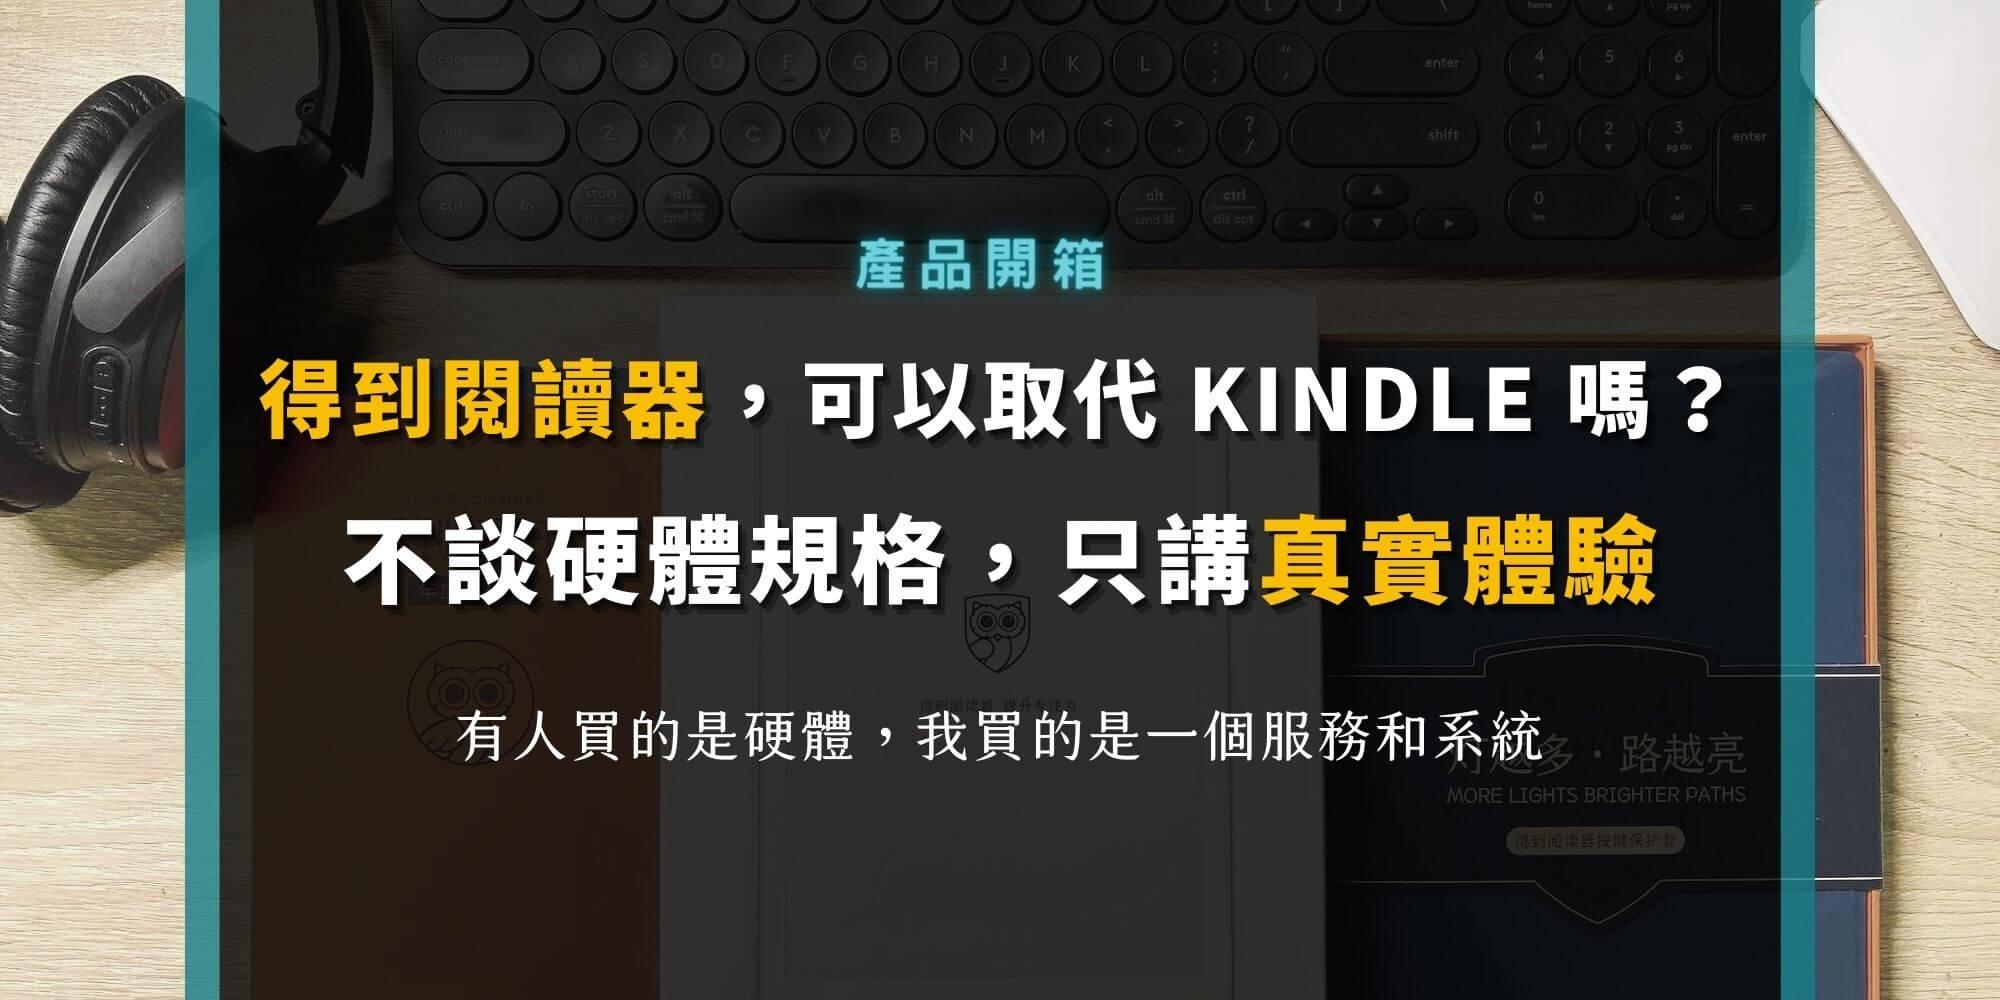 得到閱讀器 FLOW,可以取代 Kindle 嗎?三個月的真實體驗心得|產品評測開箱